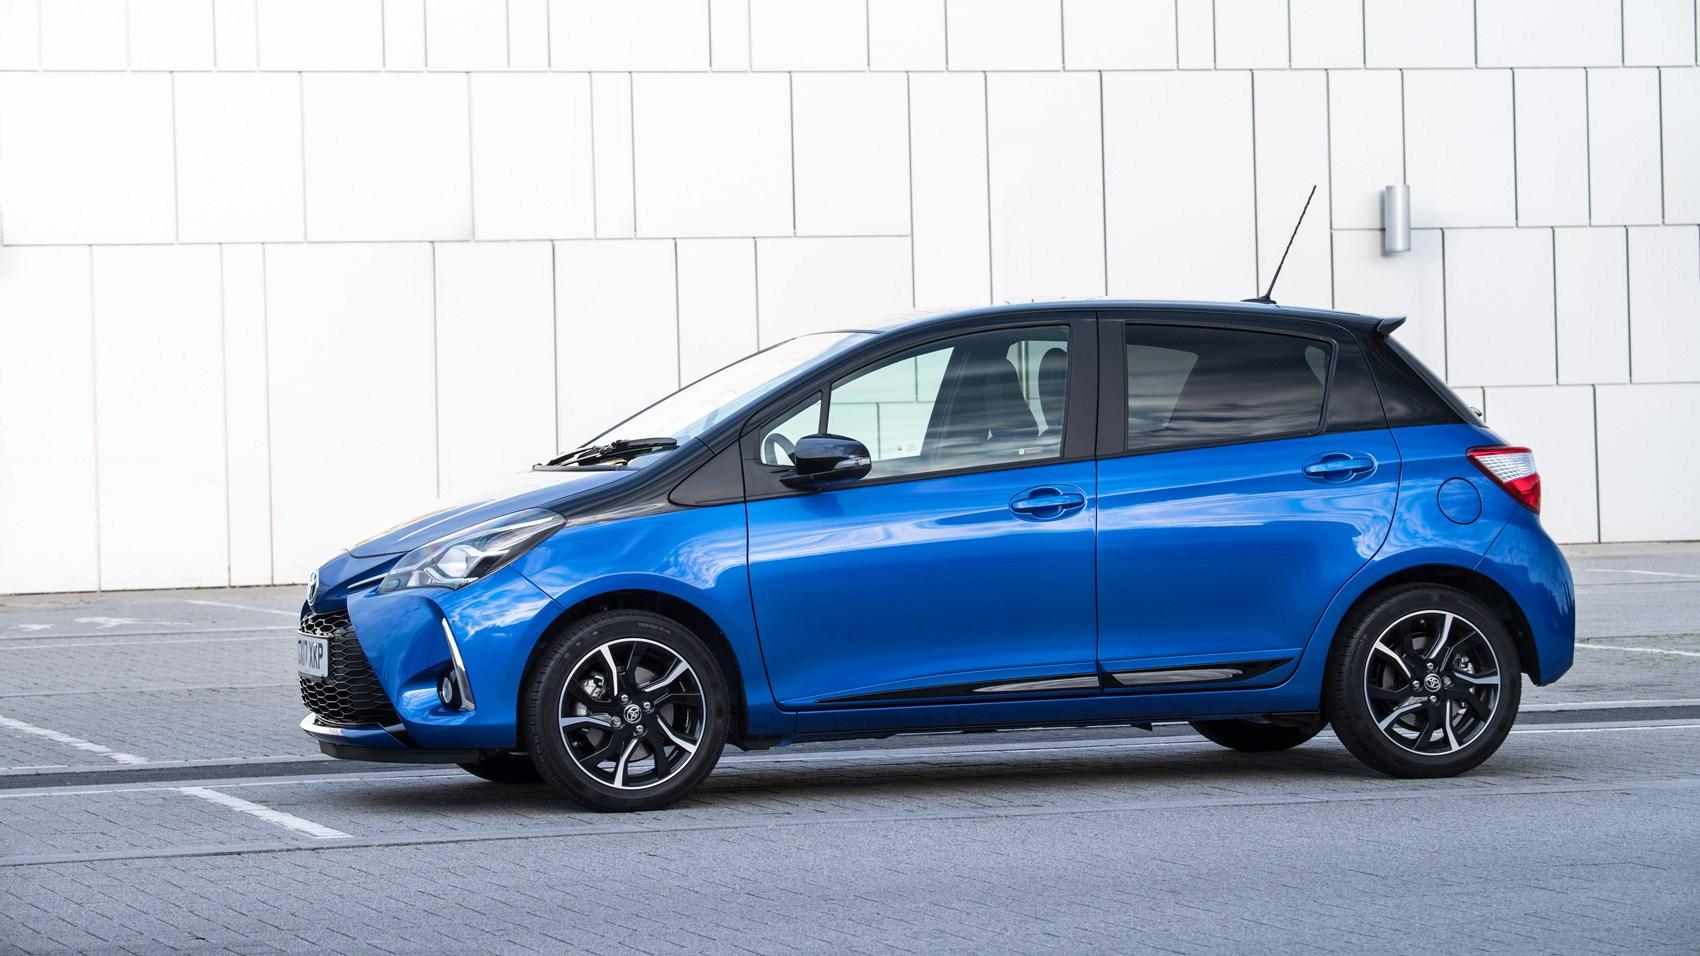 Kelebihan Toyota Yaris 2017 Perbandingan Harga